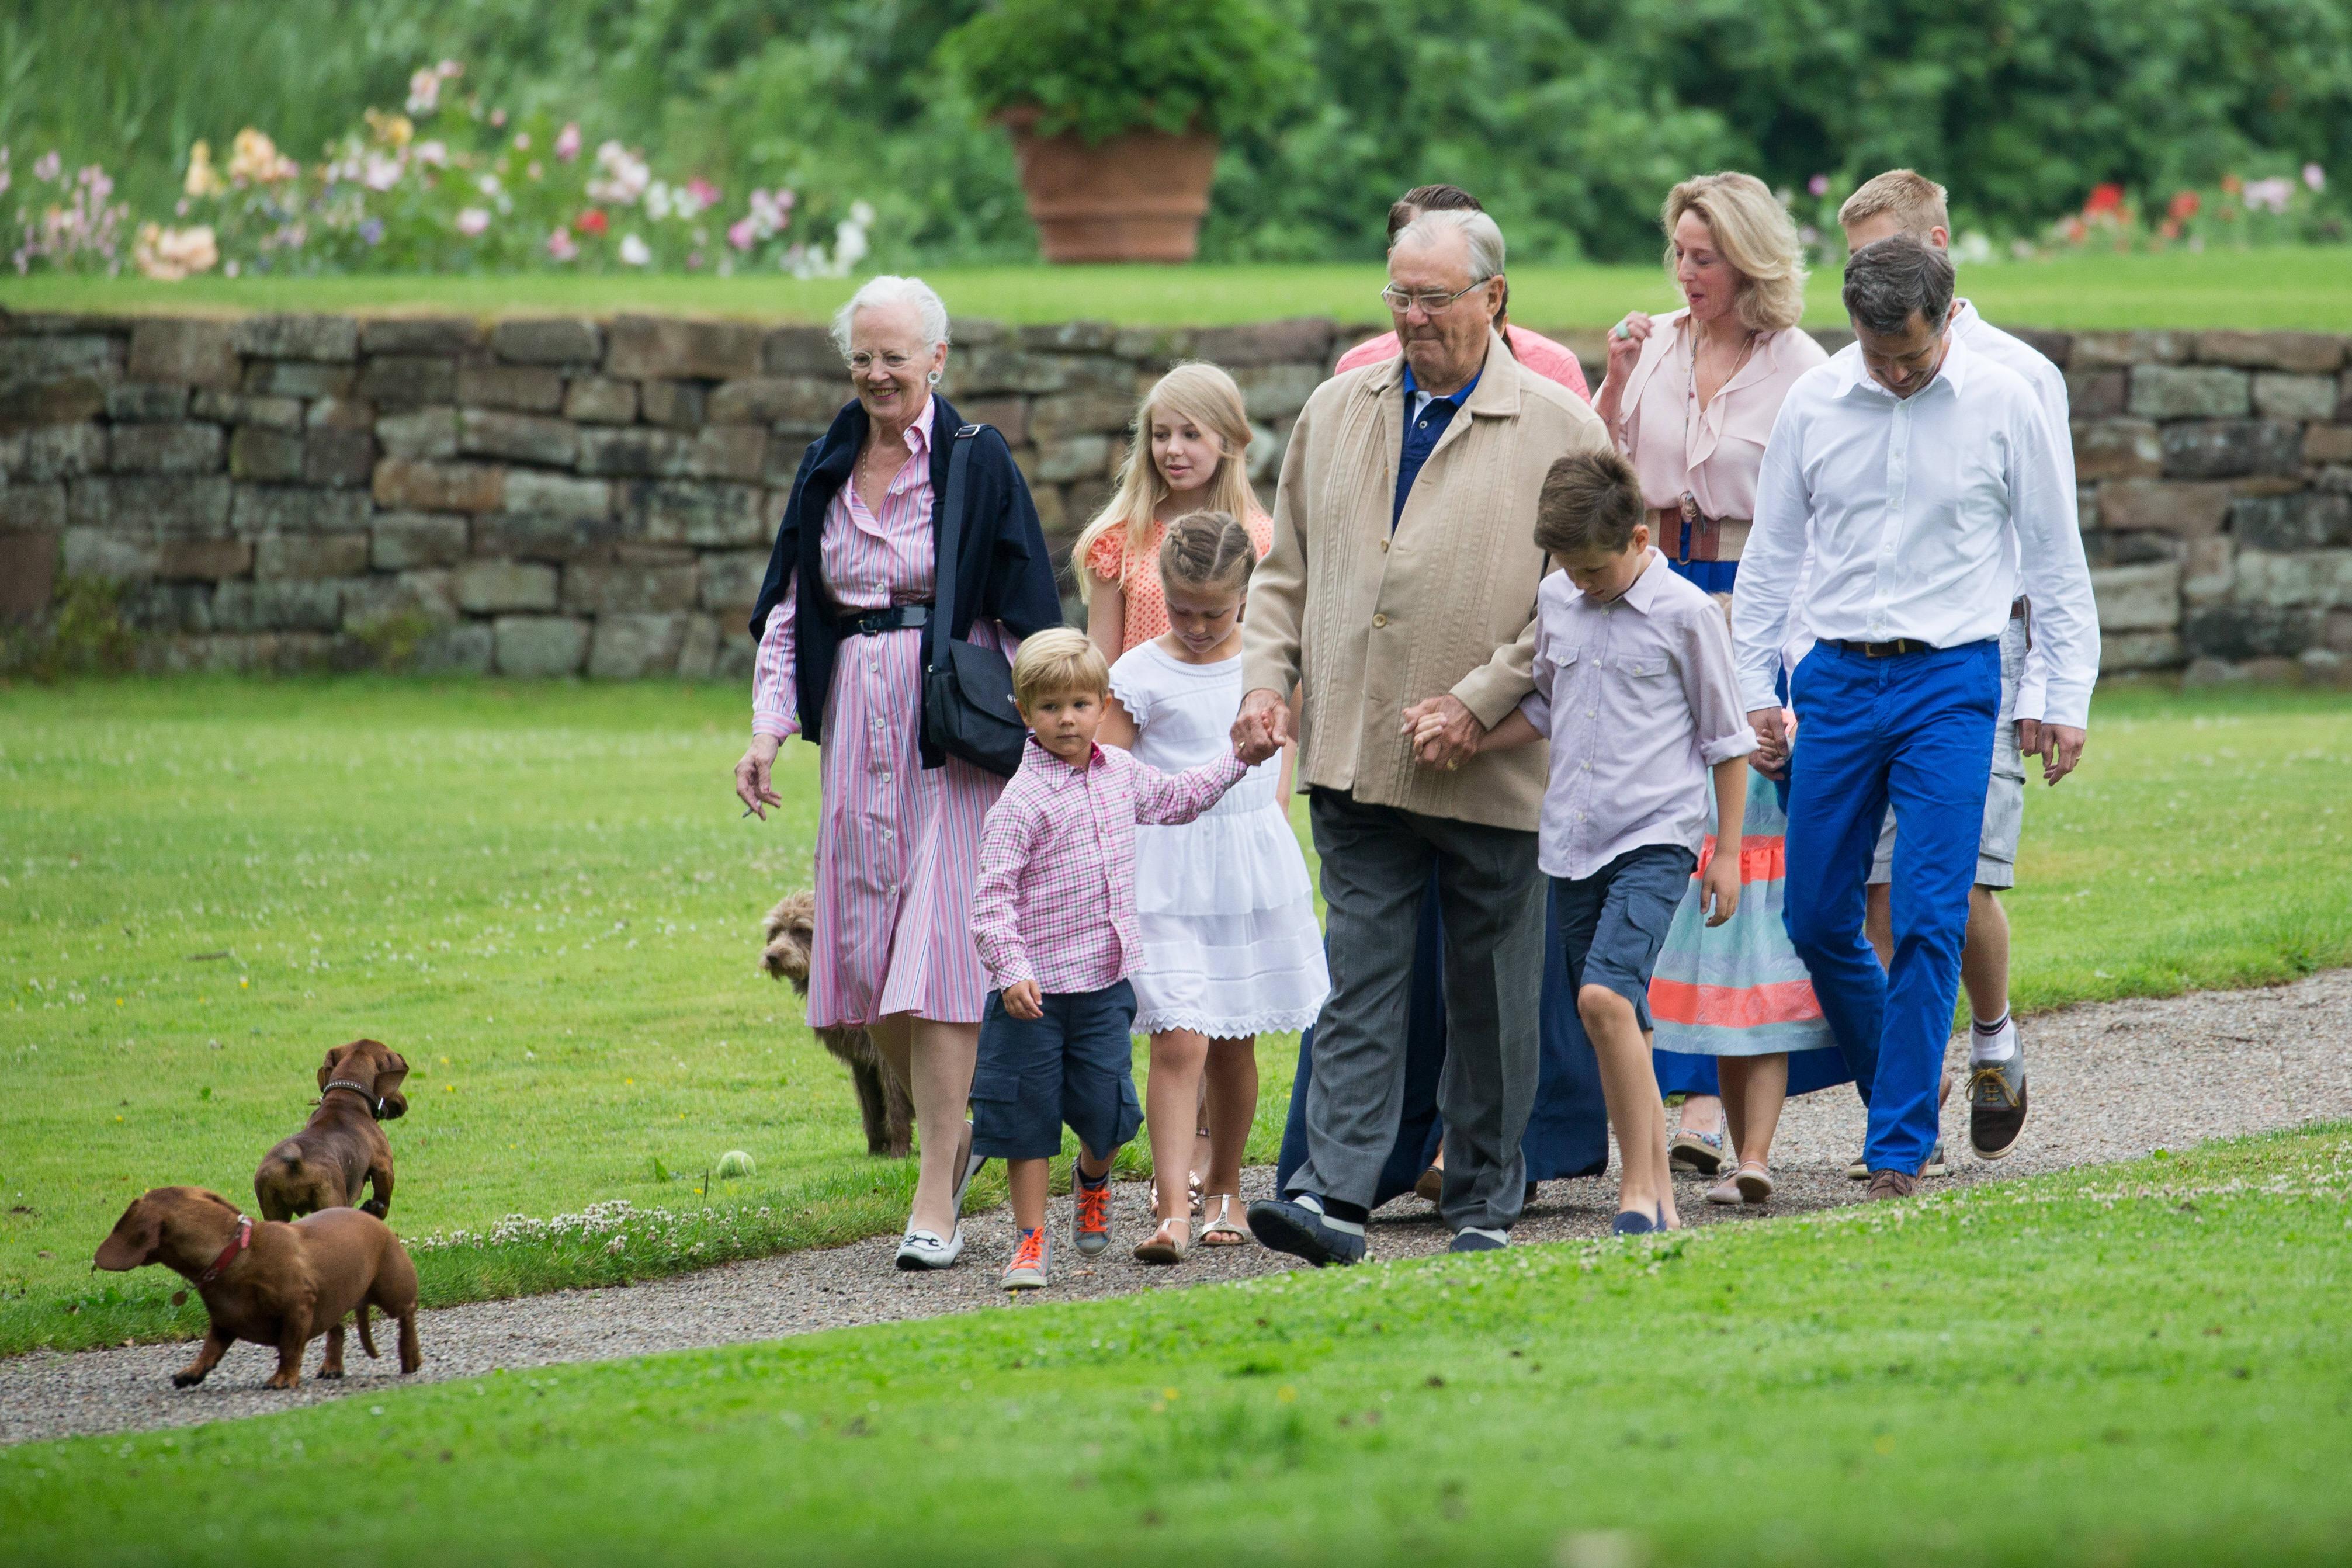 Датската кралицадава вид, чеси позволява много неща, които са нормални за обикновените хора, но изглеждат необичайно, извършени от монарх. Не един или два пъти Маргрете е била заснета да посещава пазари, да се разхожда съвсем спокойно с внуците и семейството си, а в ръката да държи цигара.